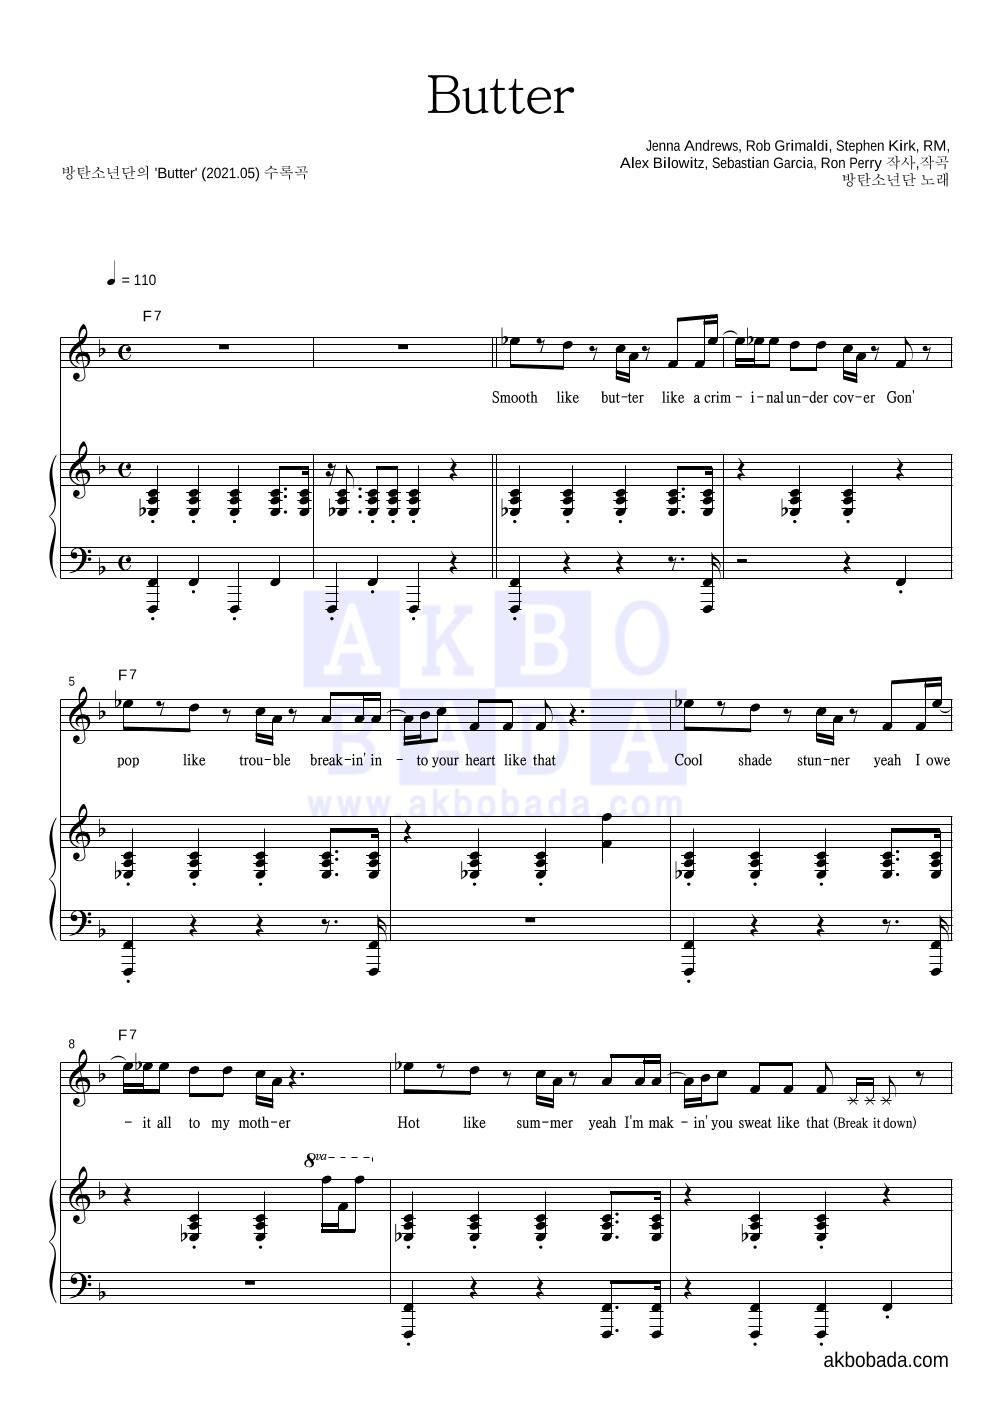 방탄소년단 - Butter 멜로디 + 셀피 악보